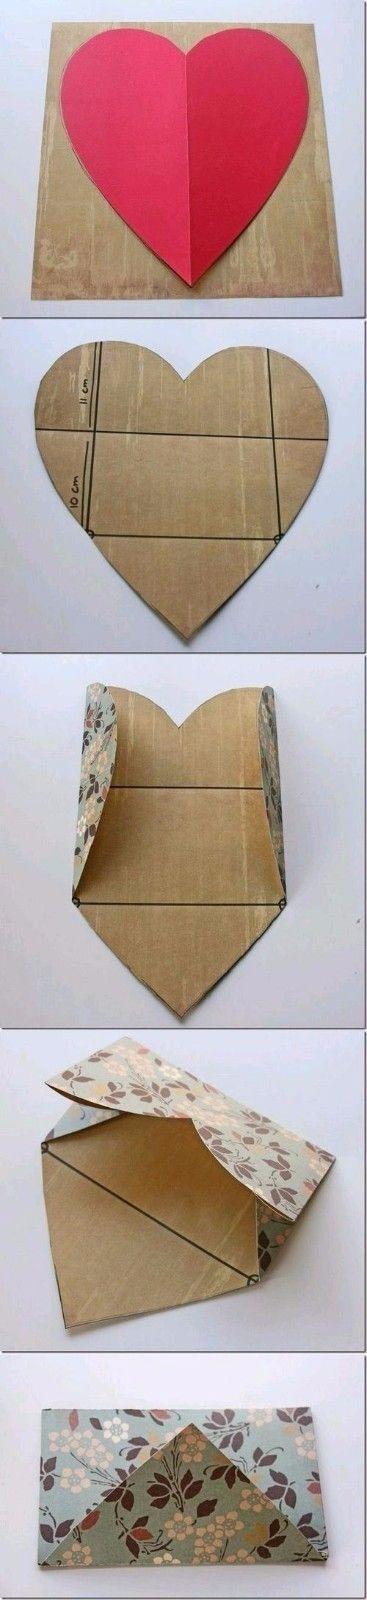 Convite em formato de coração                                                                                                                                                                                 Mais